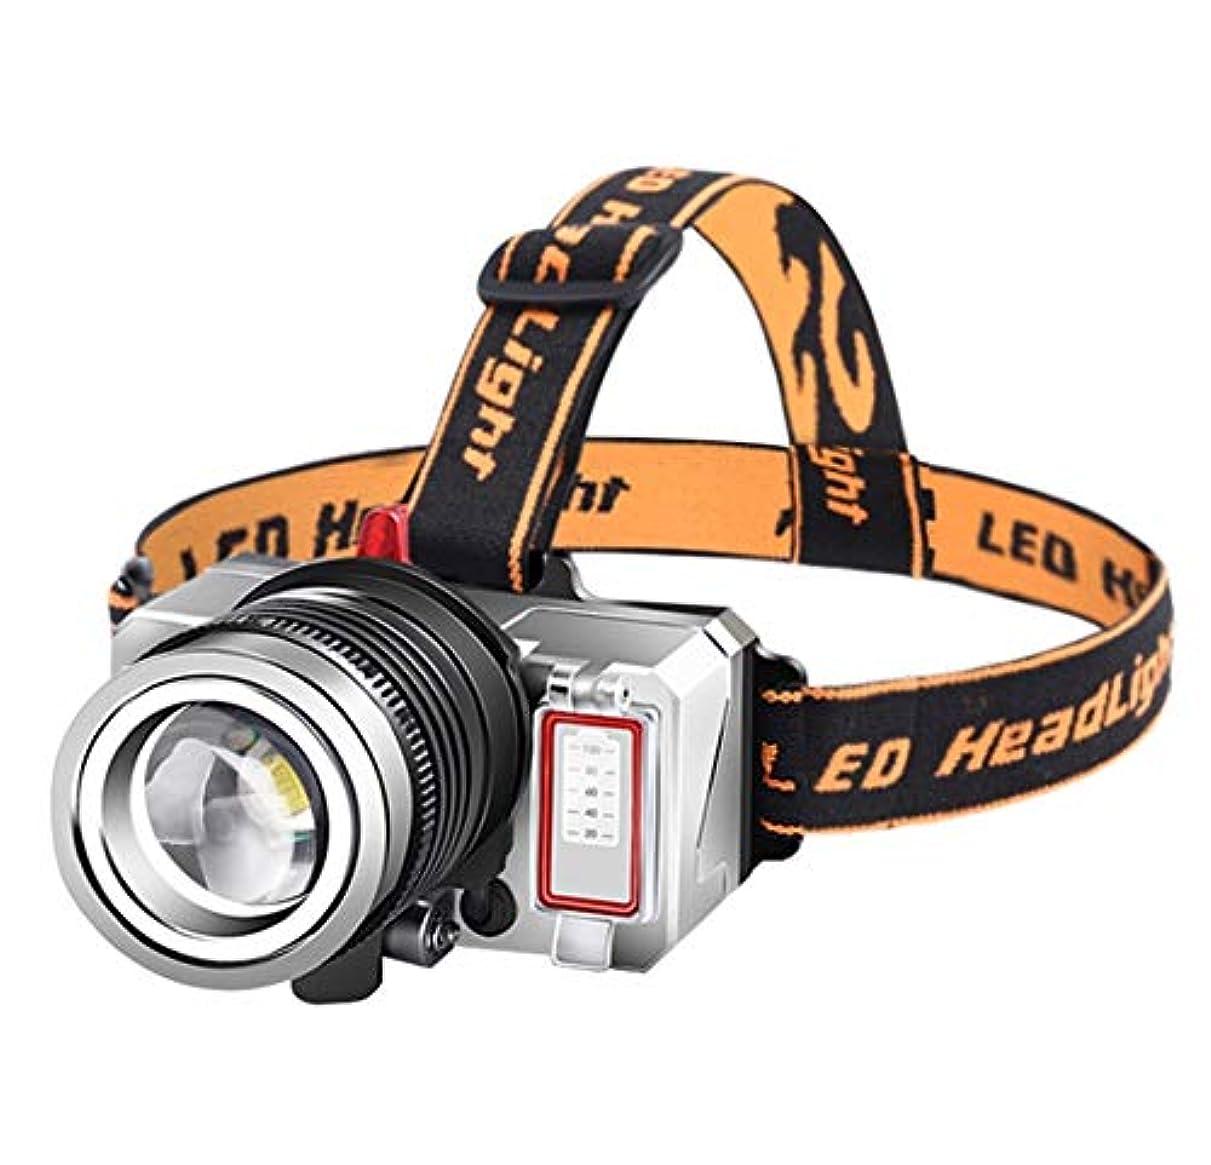 効能ユダヤ人助手ヘッドライト,屋外の極度の明るい防水多機能の釣りロングショットヘッドライト (サイズ さいず : Bring support)